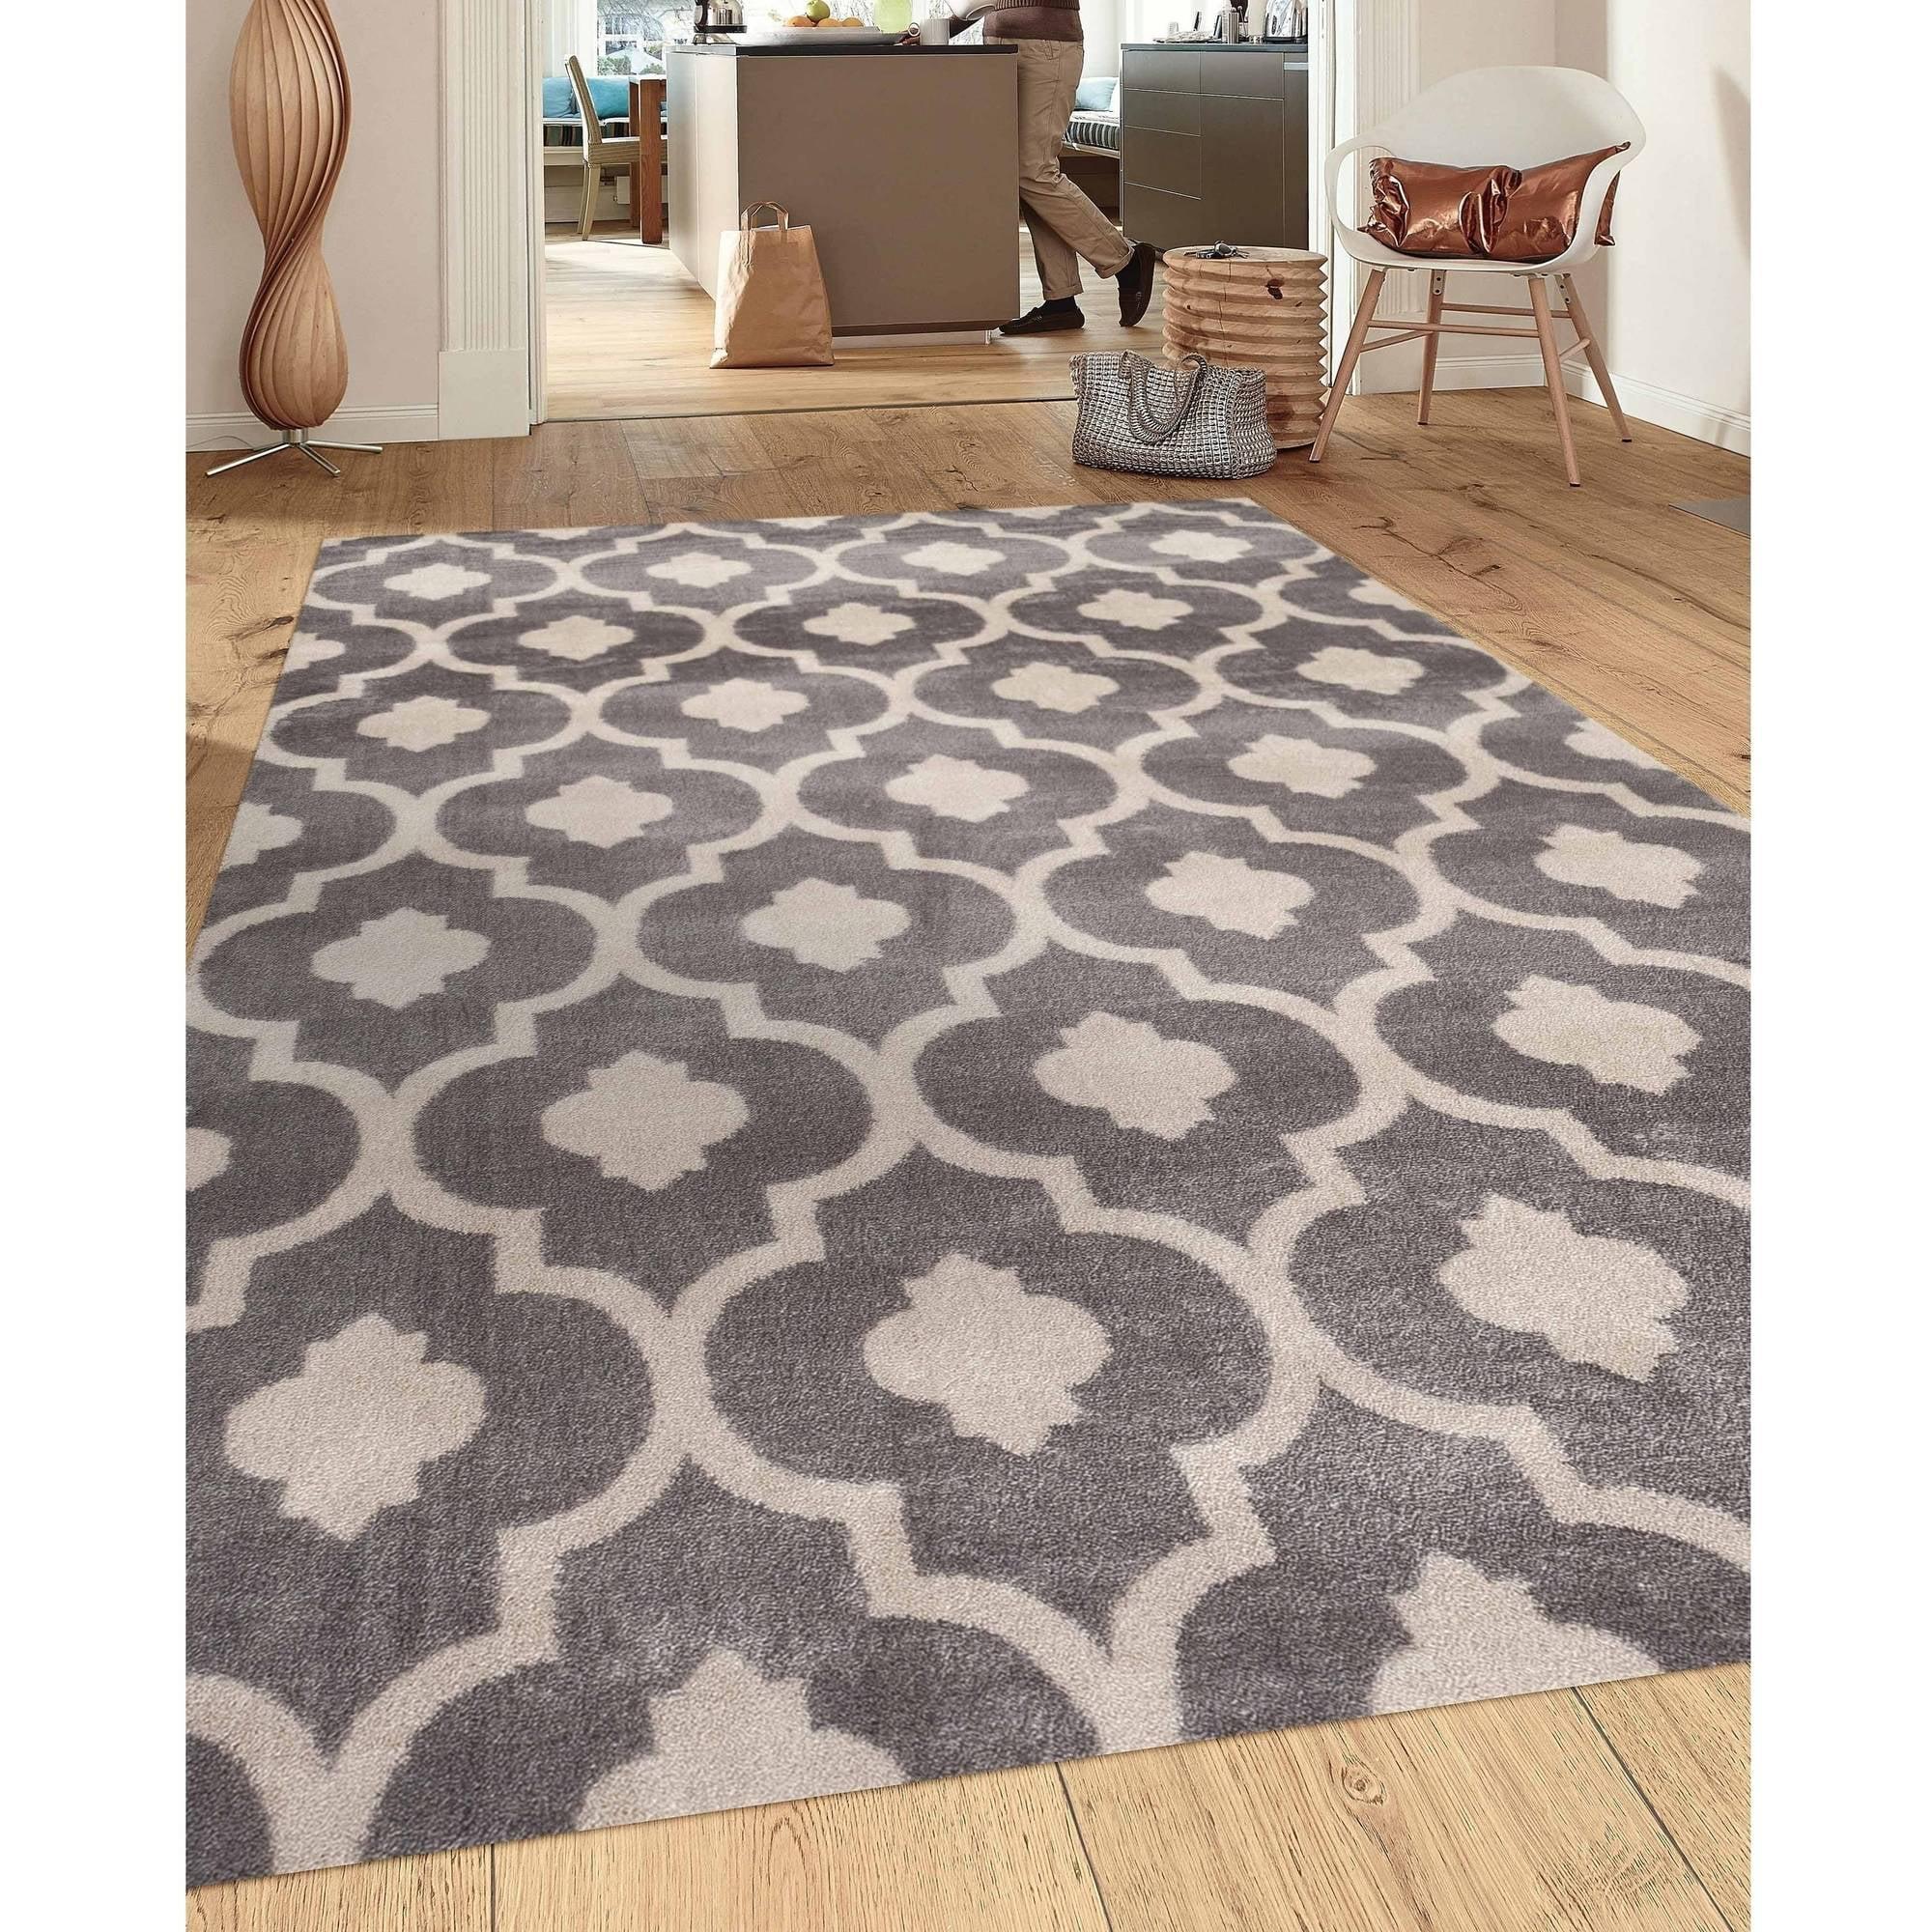 Beautiful World Rug Gallery Moroccan Trellis Contemporary Indoor Area Rug    Walmart.com